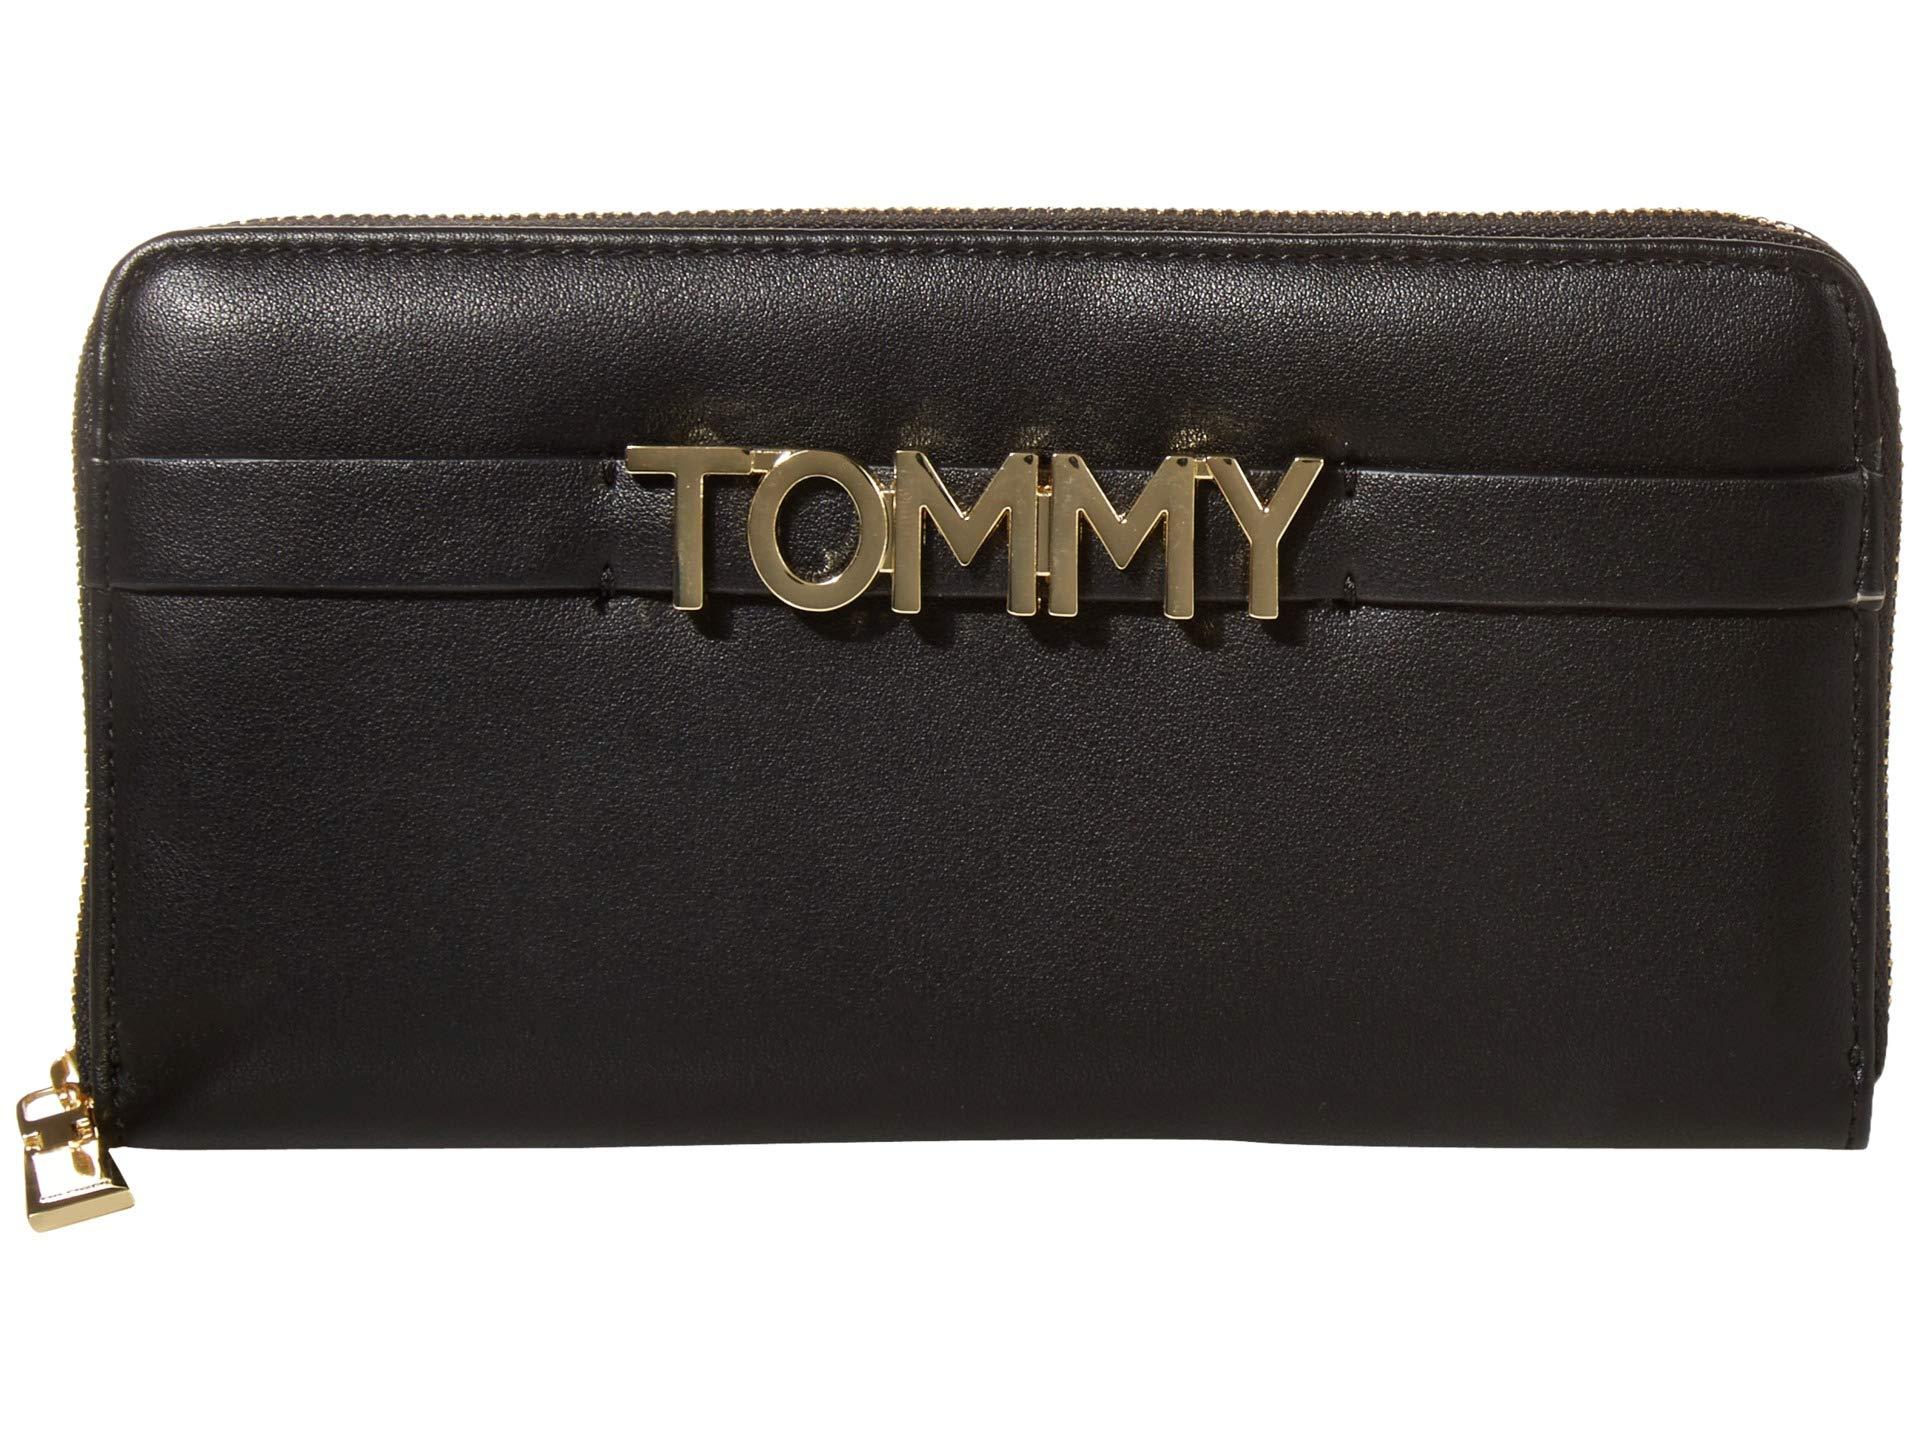 Tommy Hilfiger Tommy Hilfiger Helene Large Zip Wallet